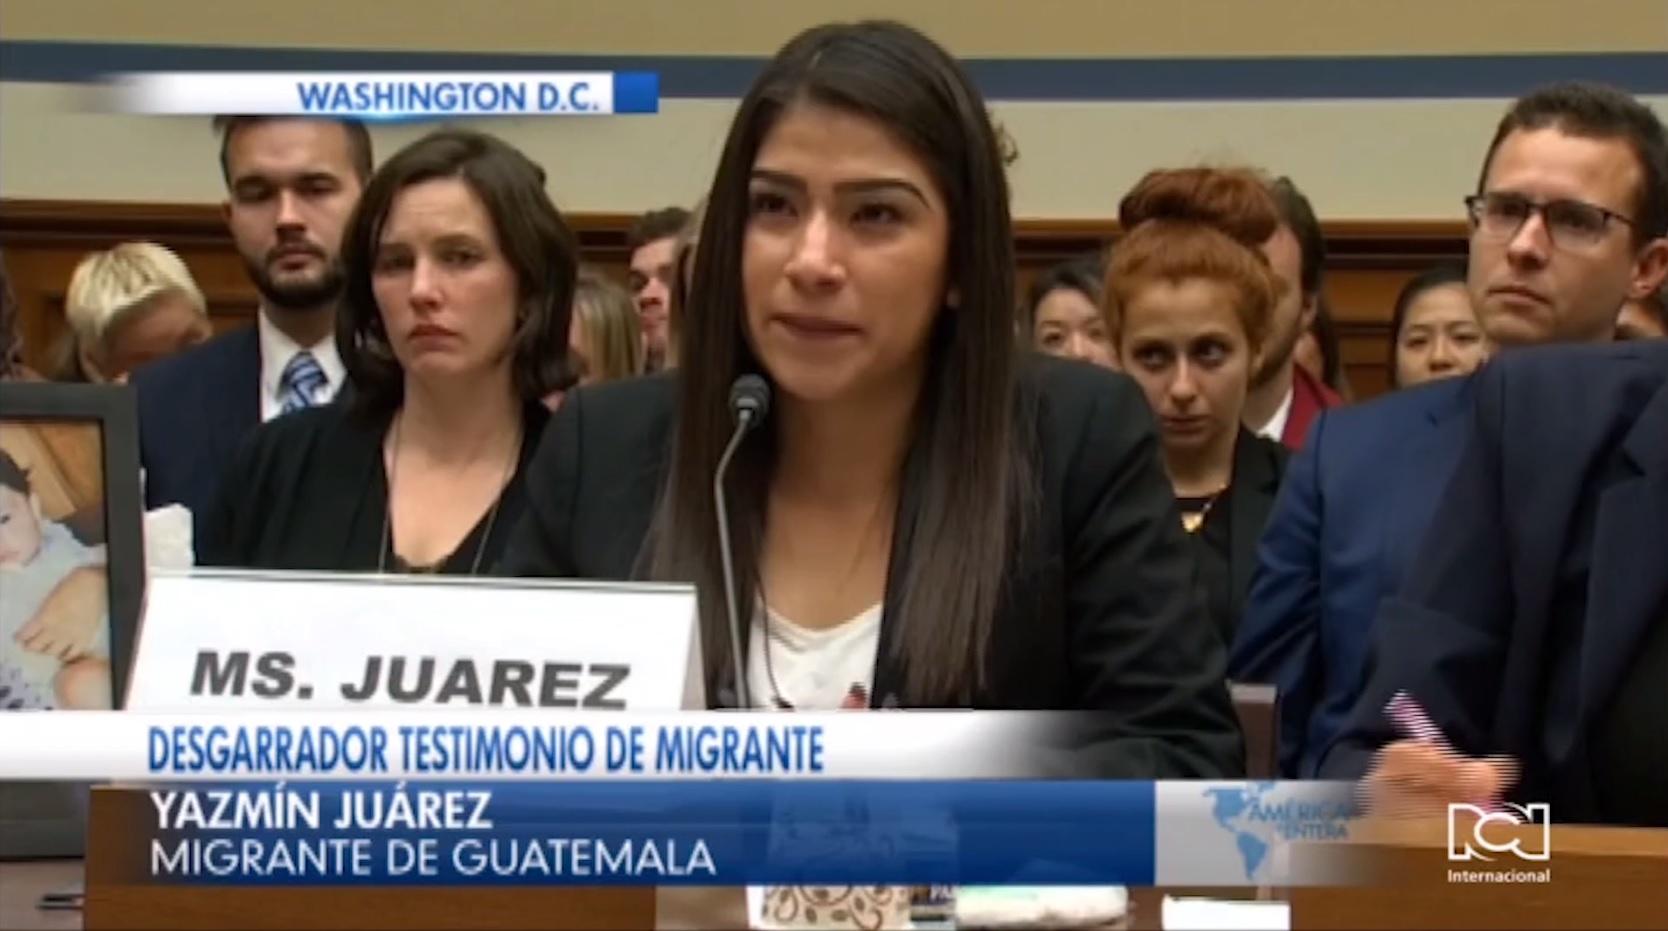 Madre indocumentada comparece ante el Congreso de EE.UU.